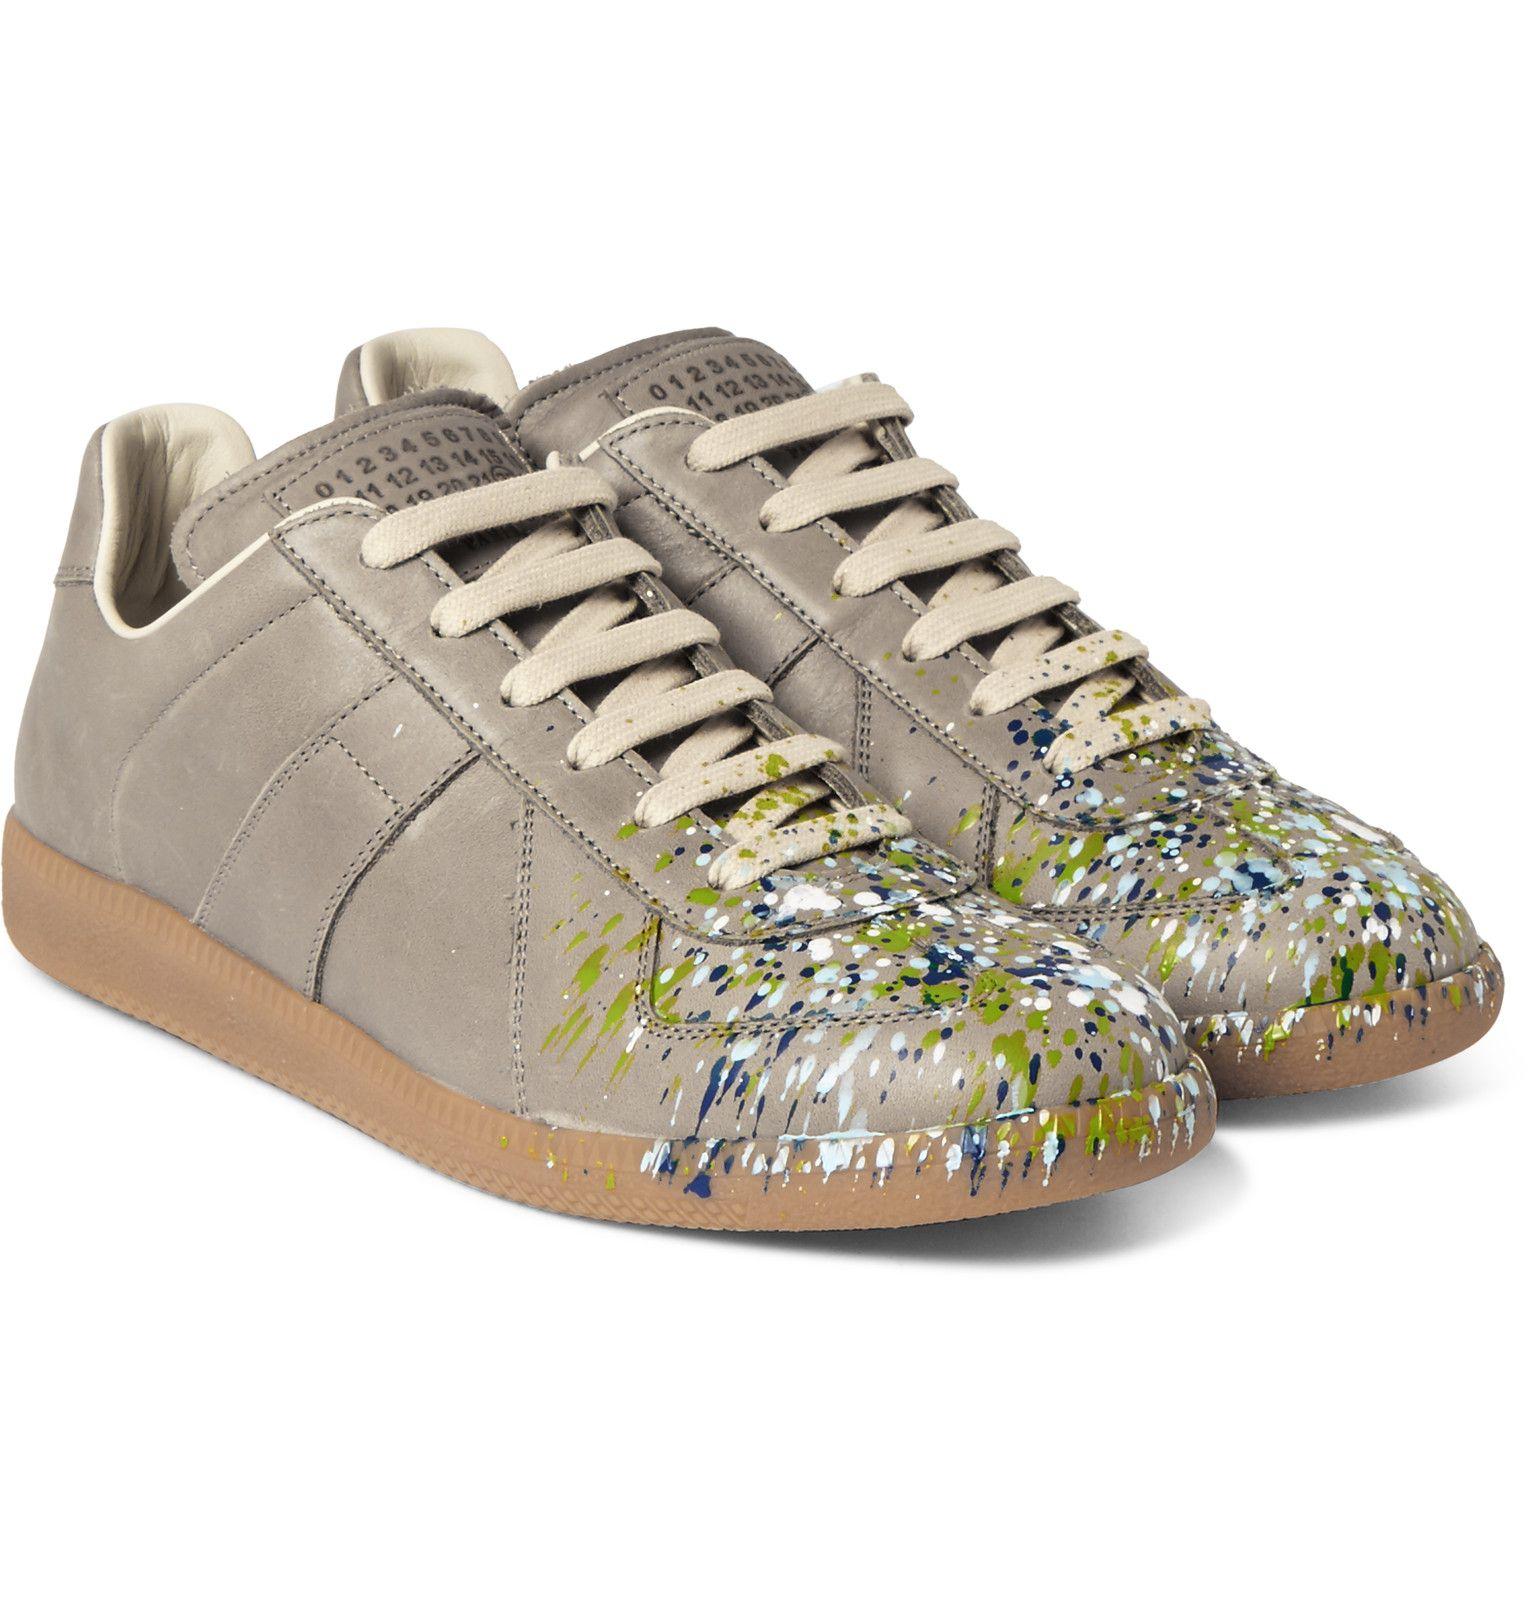 Maison Chaussures De Sport Éclaboussures De Peinture De Réplique De Margiela - Noir p4N2lDXxv